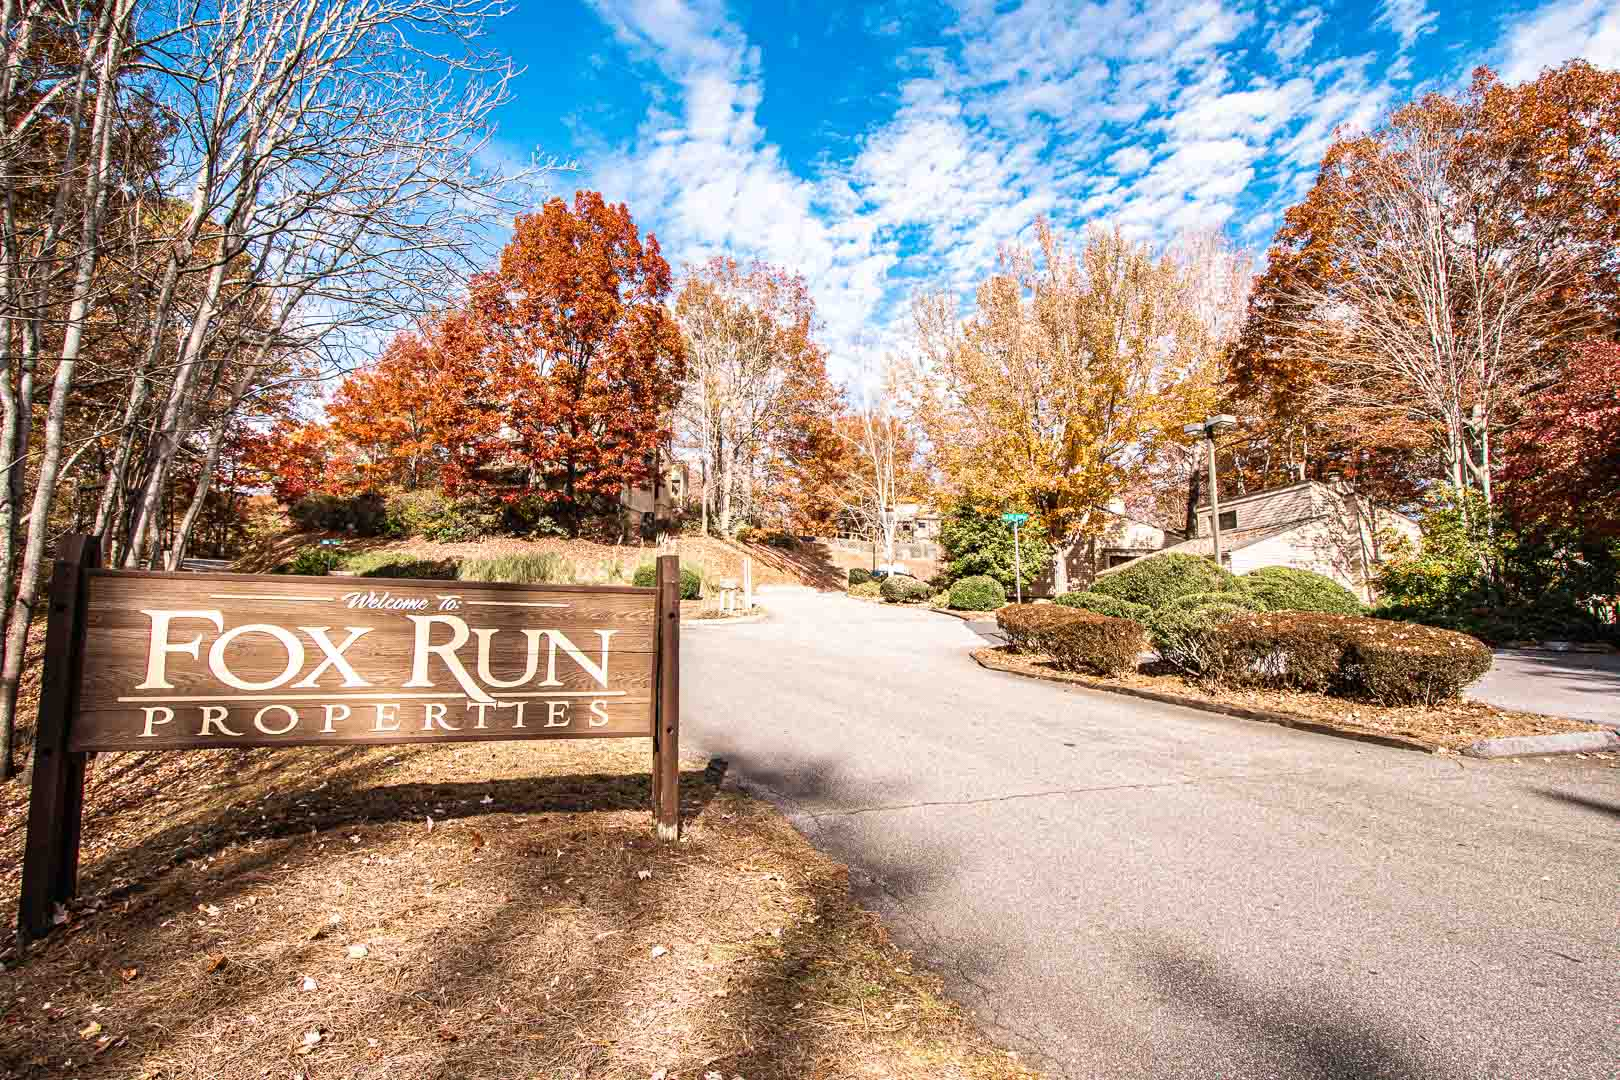 The resort signage at VRI's Fox Run Resort in North Carolina.